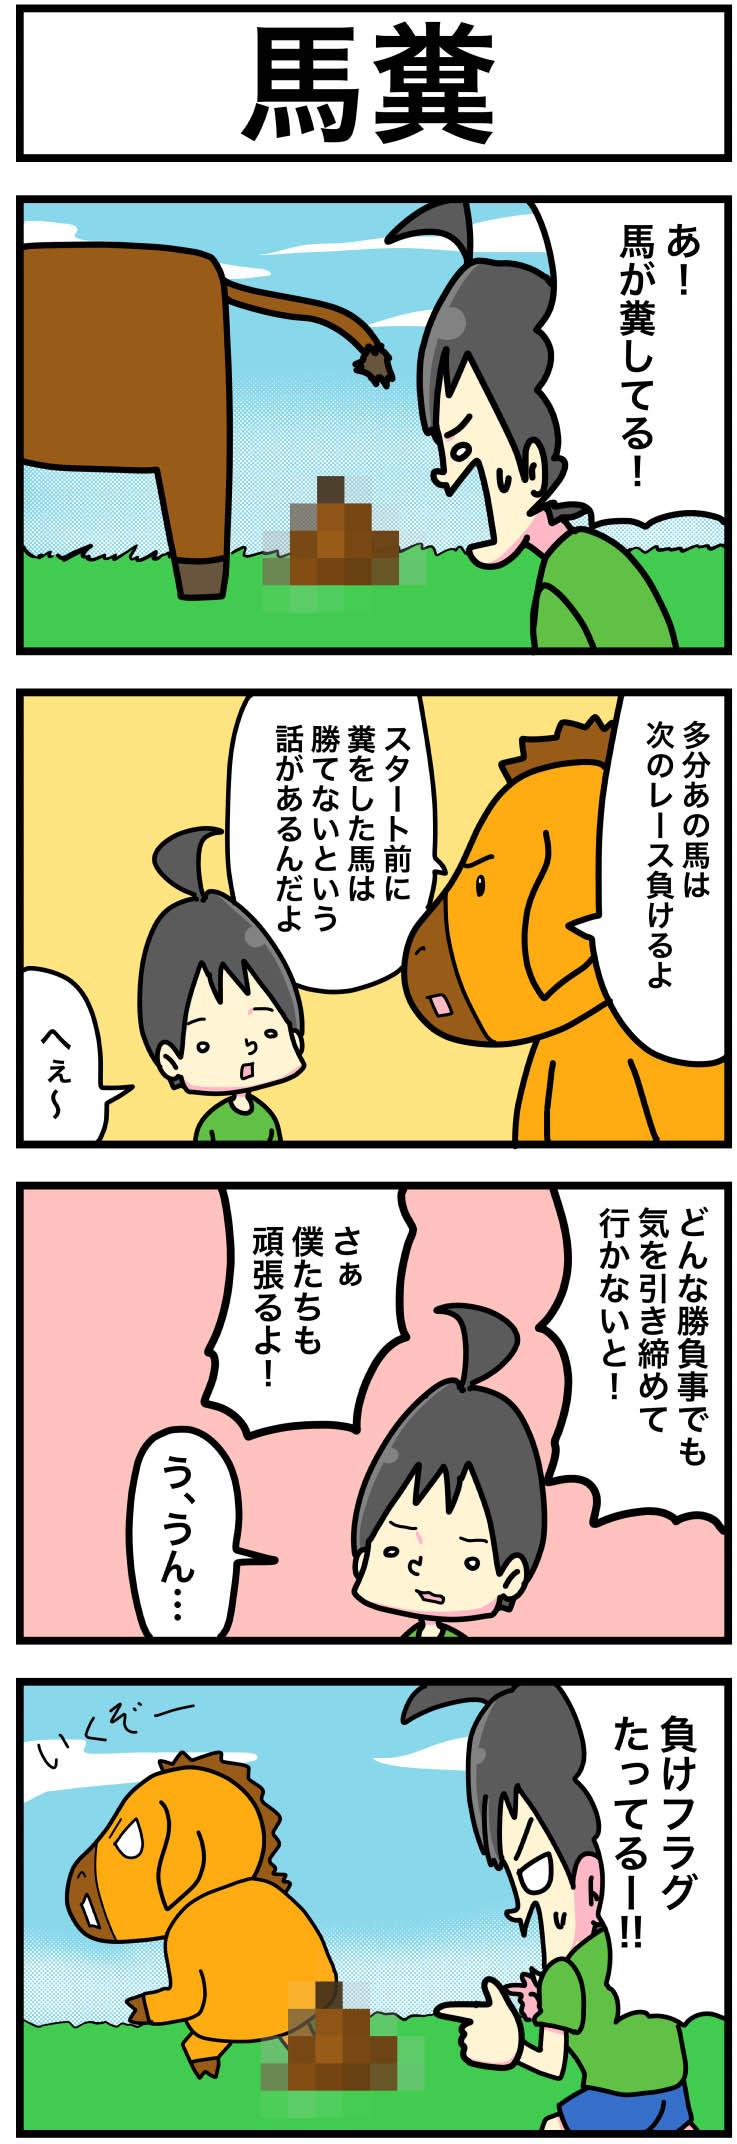 馬糞「うま吉の鉄板穴馬マンガ」